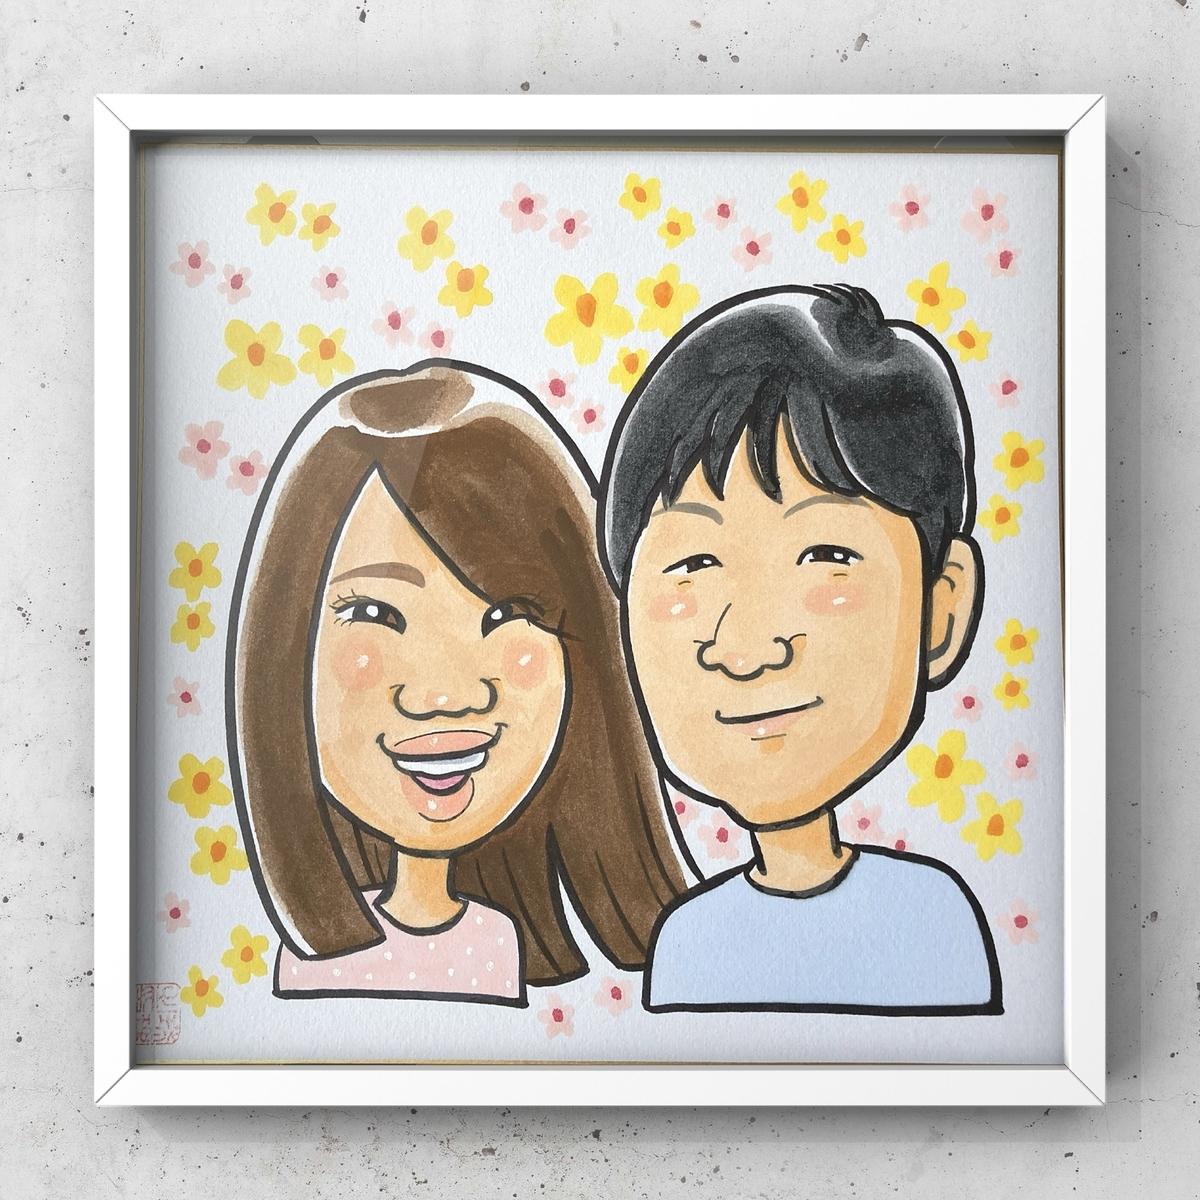 似顔絵、札幌、北海道、高井じゅり、似顔絵ファクトリー